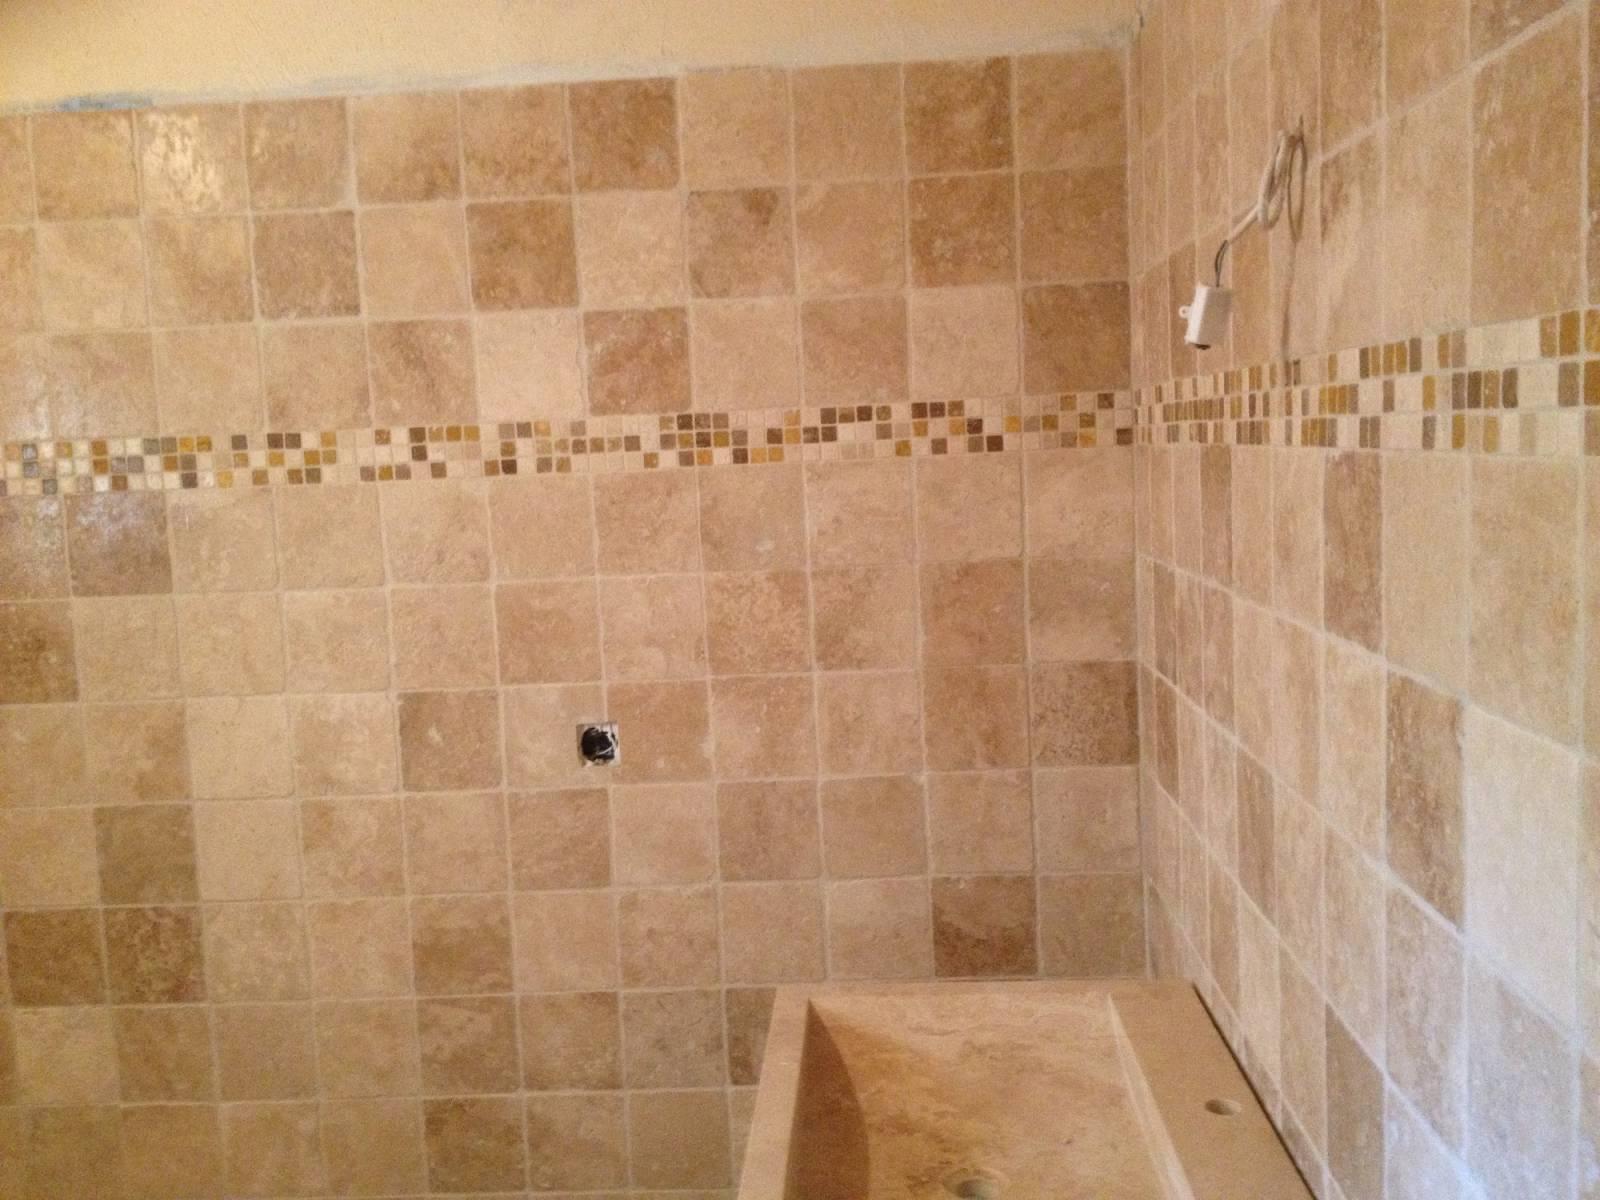 Salle de bain en travertin classique à Libourne - Vente et pose de